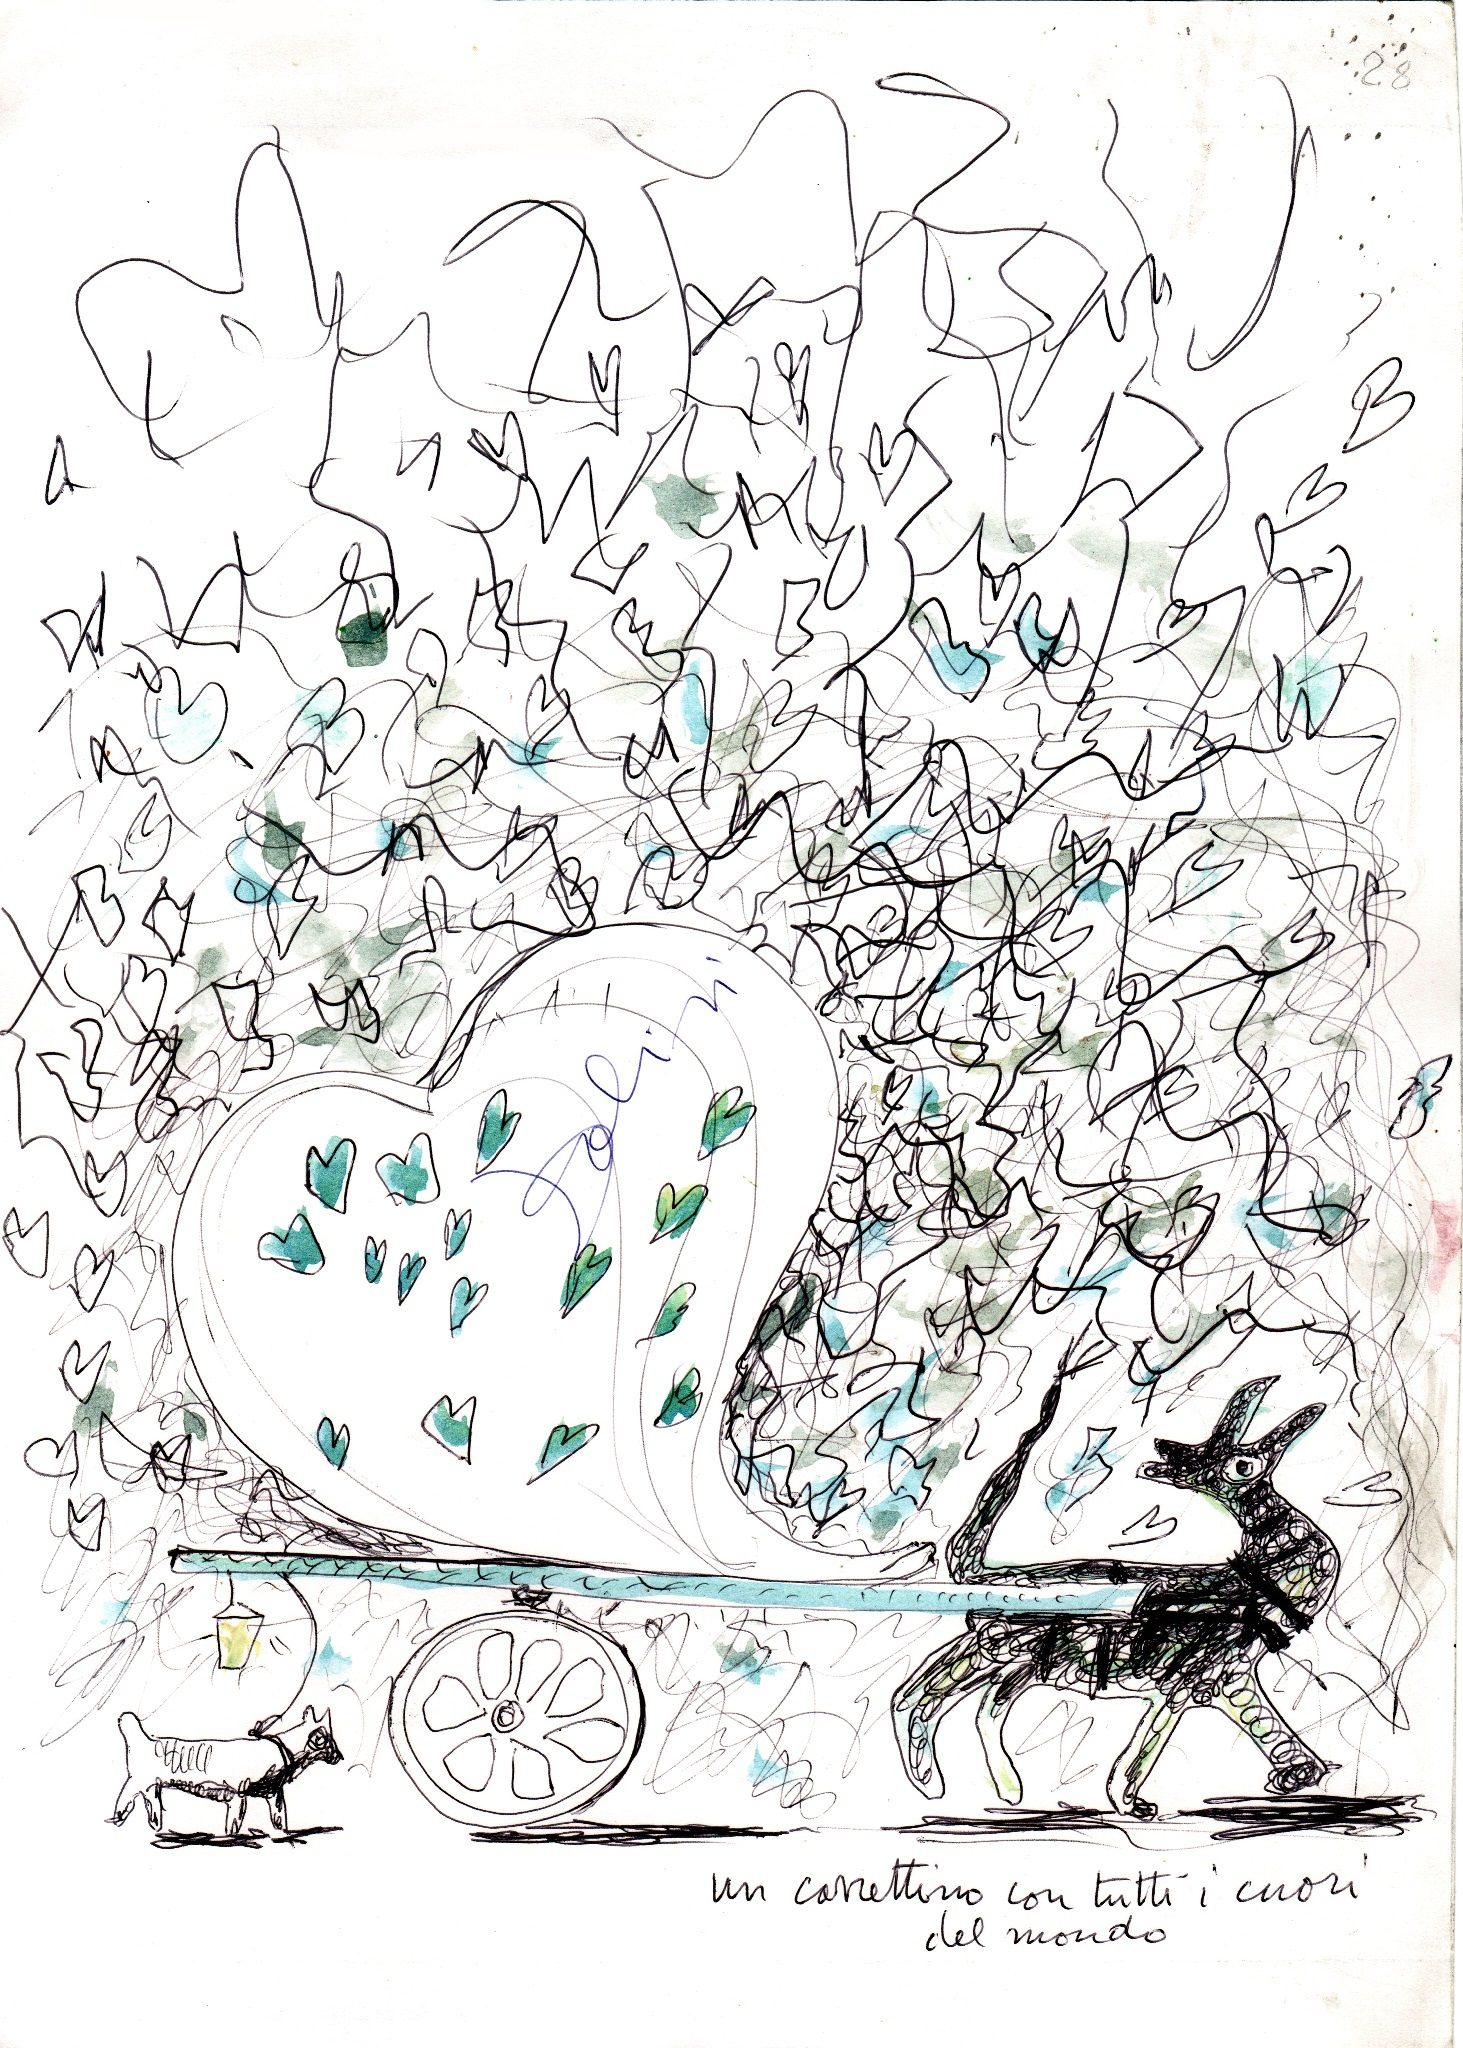 Un carrettino con tutti i cuori del mondo, penna e pennarello su carta, 2008, cm 29,5 x 21